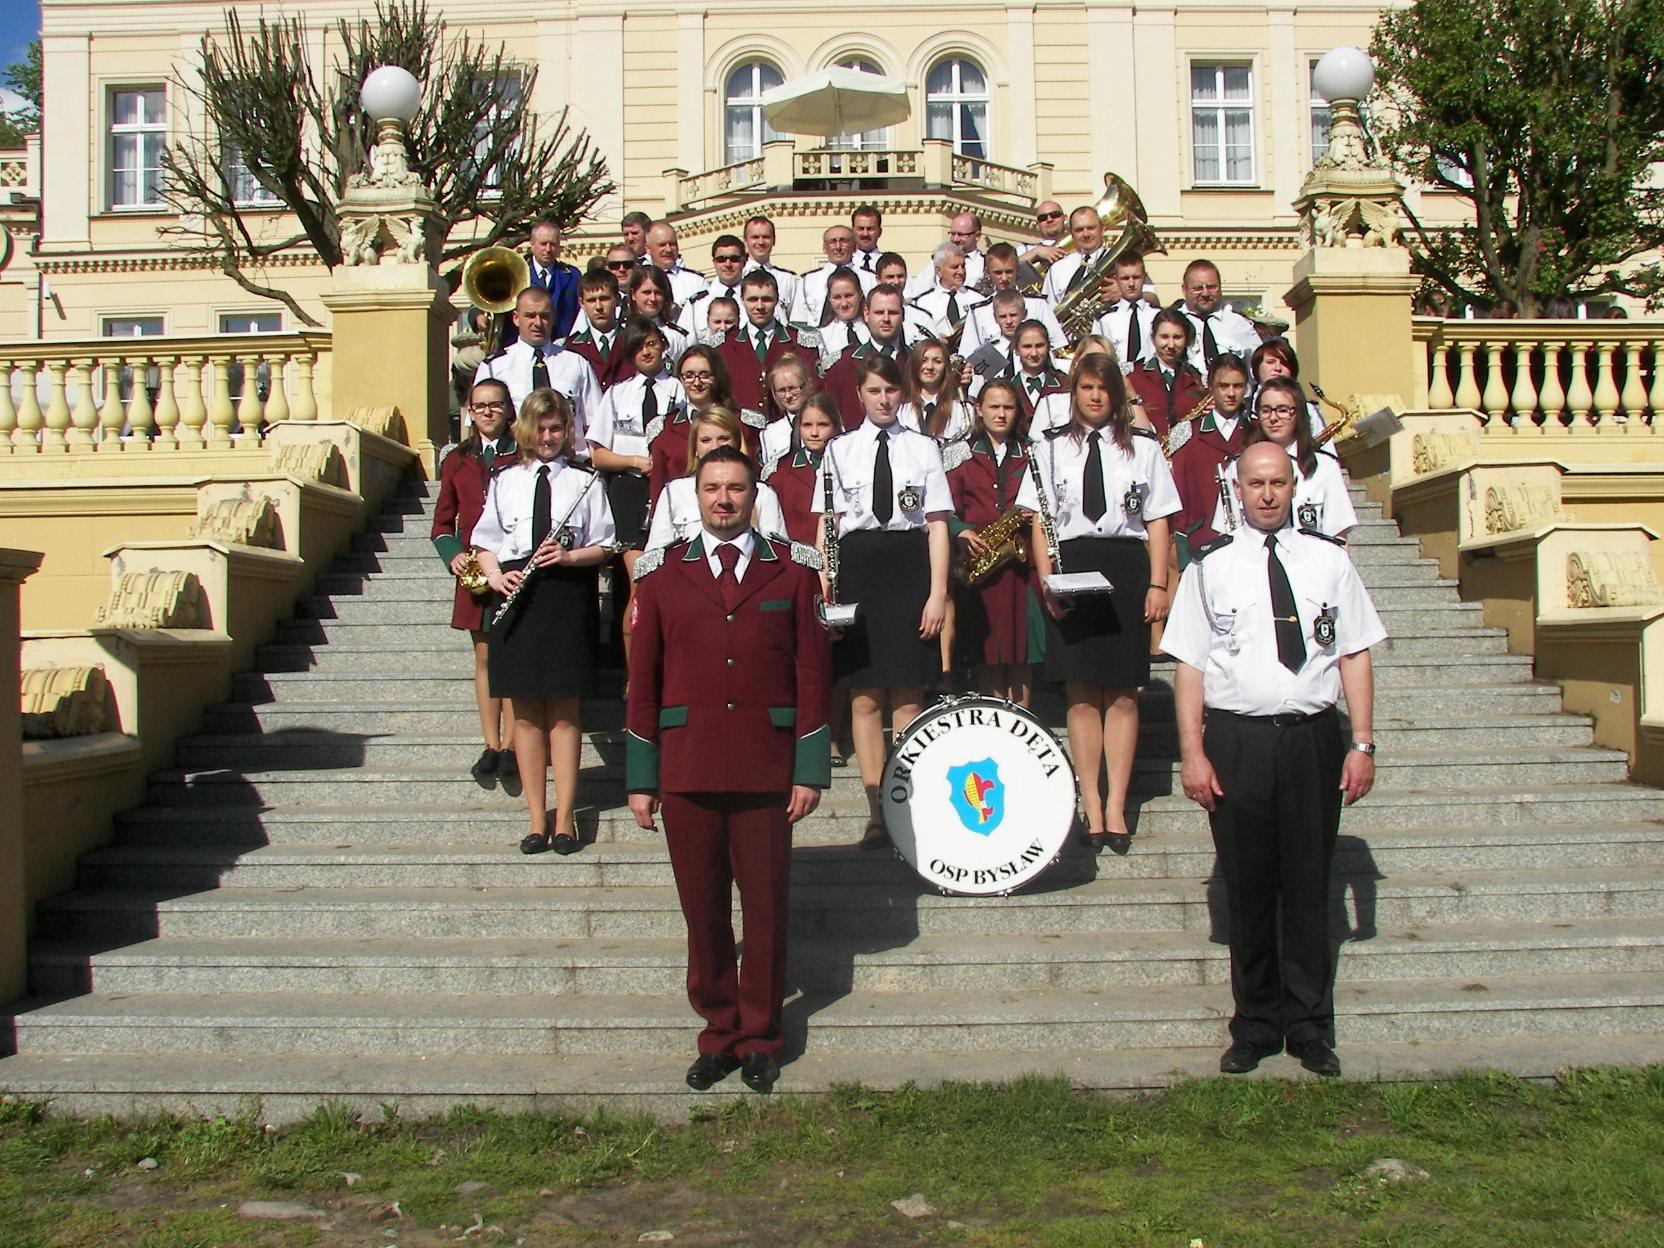 Przegląd Orkiestr Dętych o Puchar Marszałka Województwa Kujawsko-Pomorskiego - 11 maja 2014